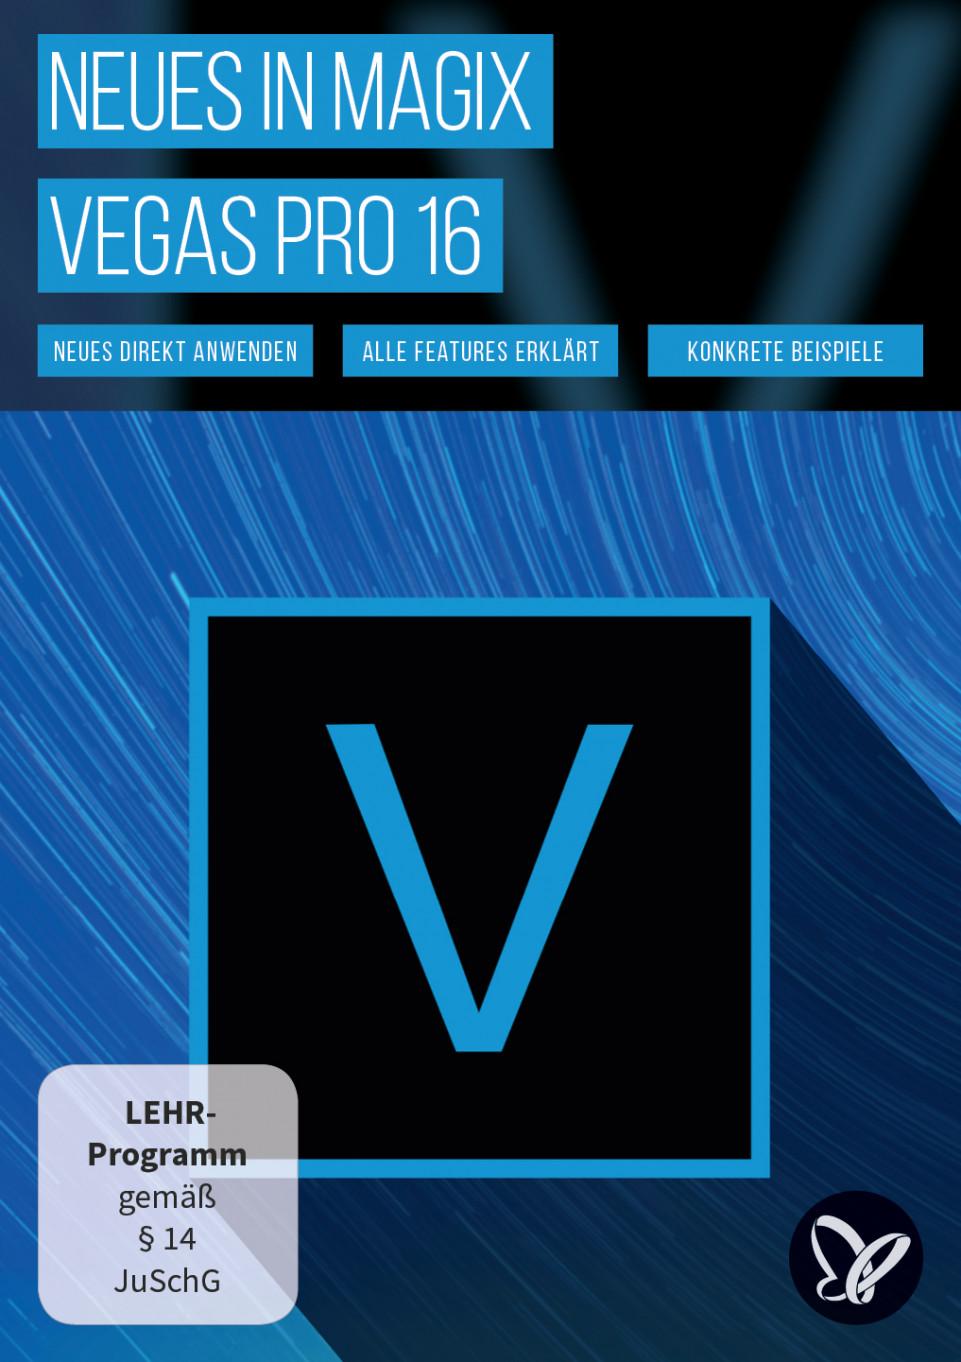 MAGIX VEGAS Pro 16 – Video-Tutorial zu den Neuerungen